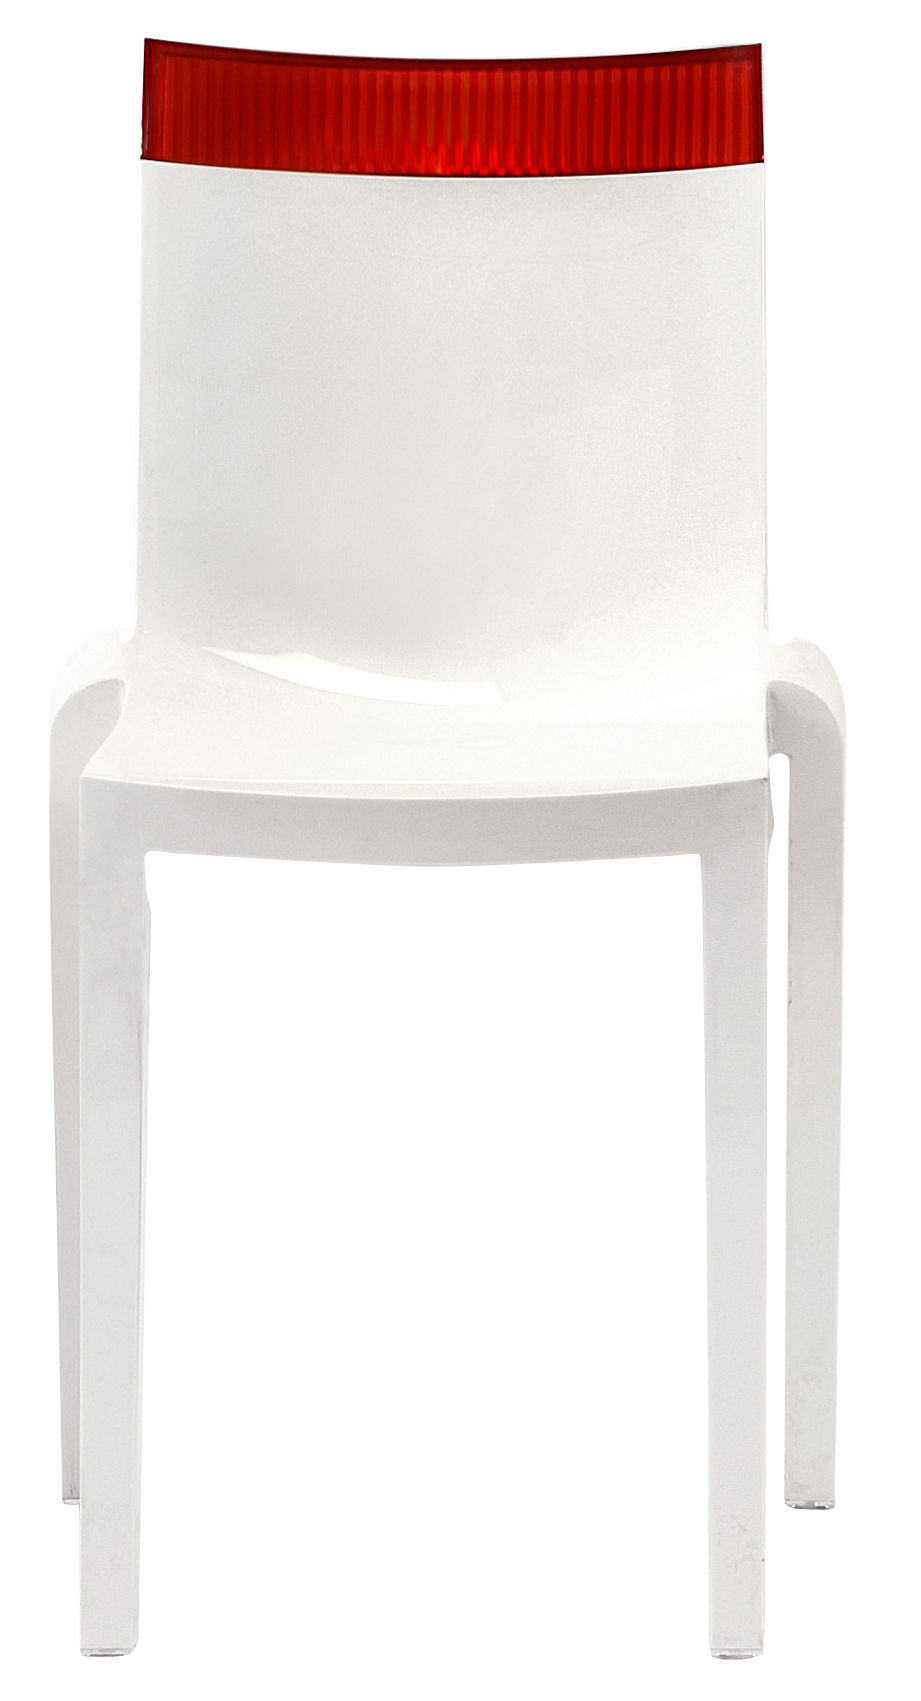 Mobilier - Chaises, fauteuils de salle à manger - Chaise empilable Hi Cut blanche / Polycarbonate - Kartell - Blanc laqué / rouge - Polycarbonate